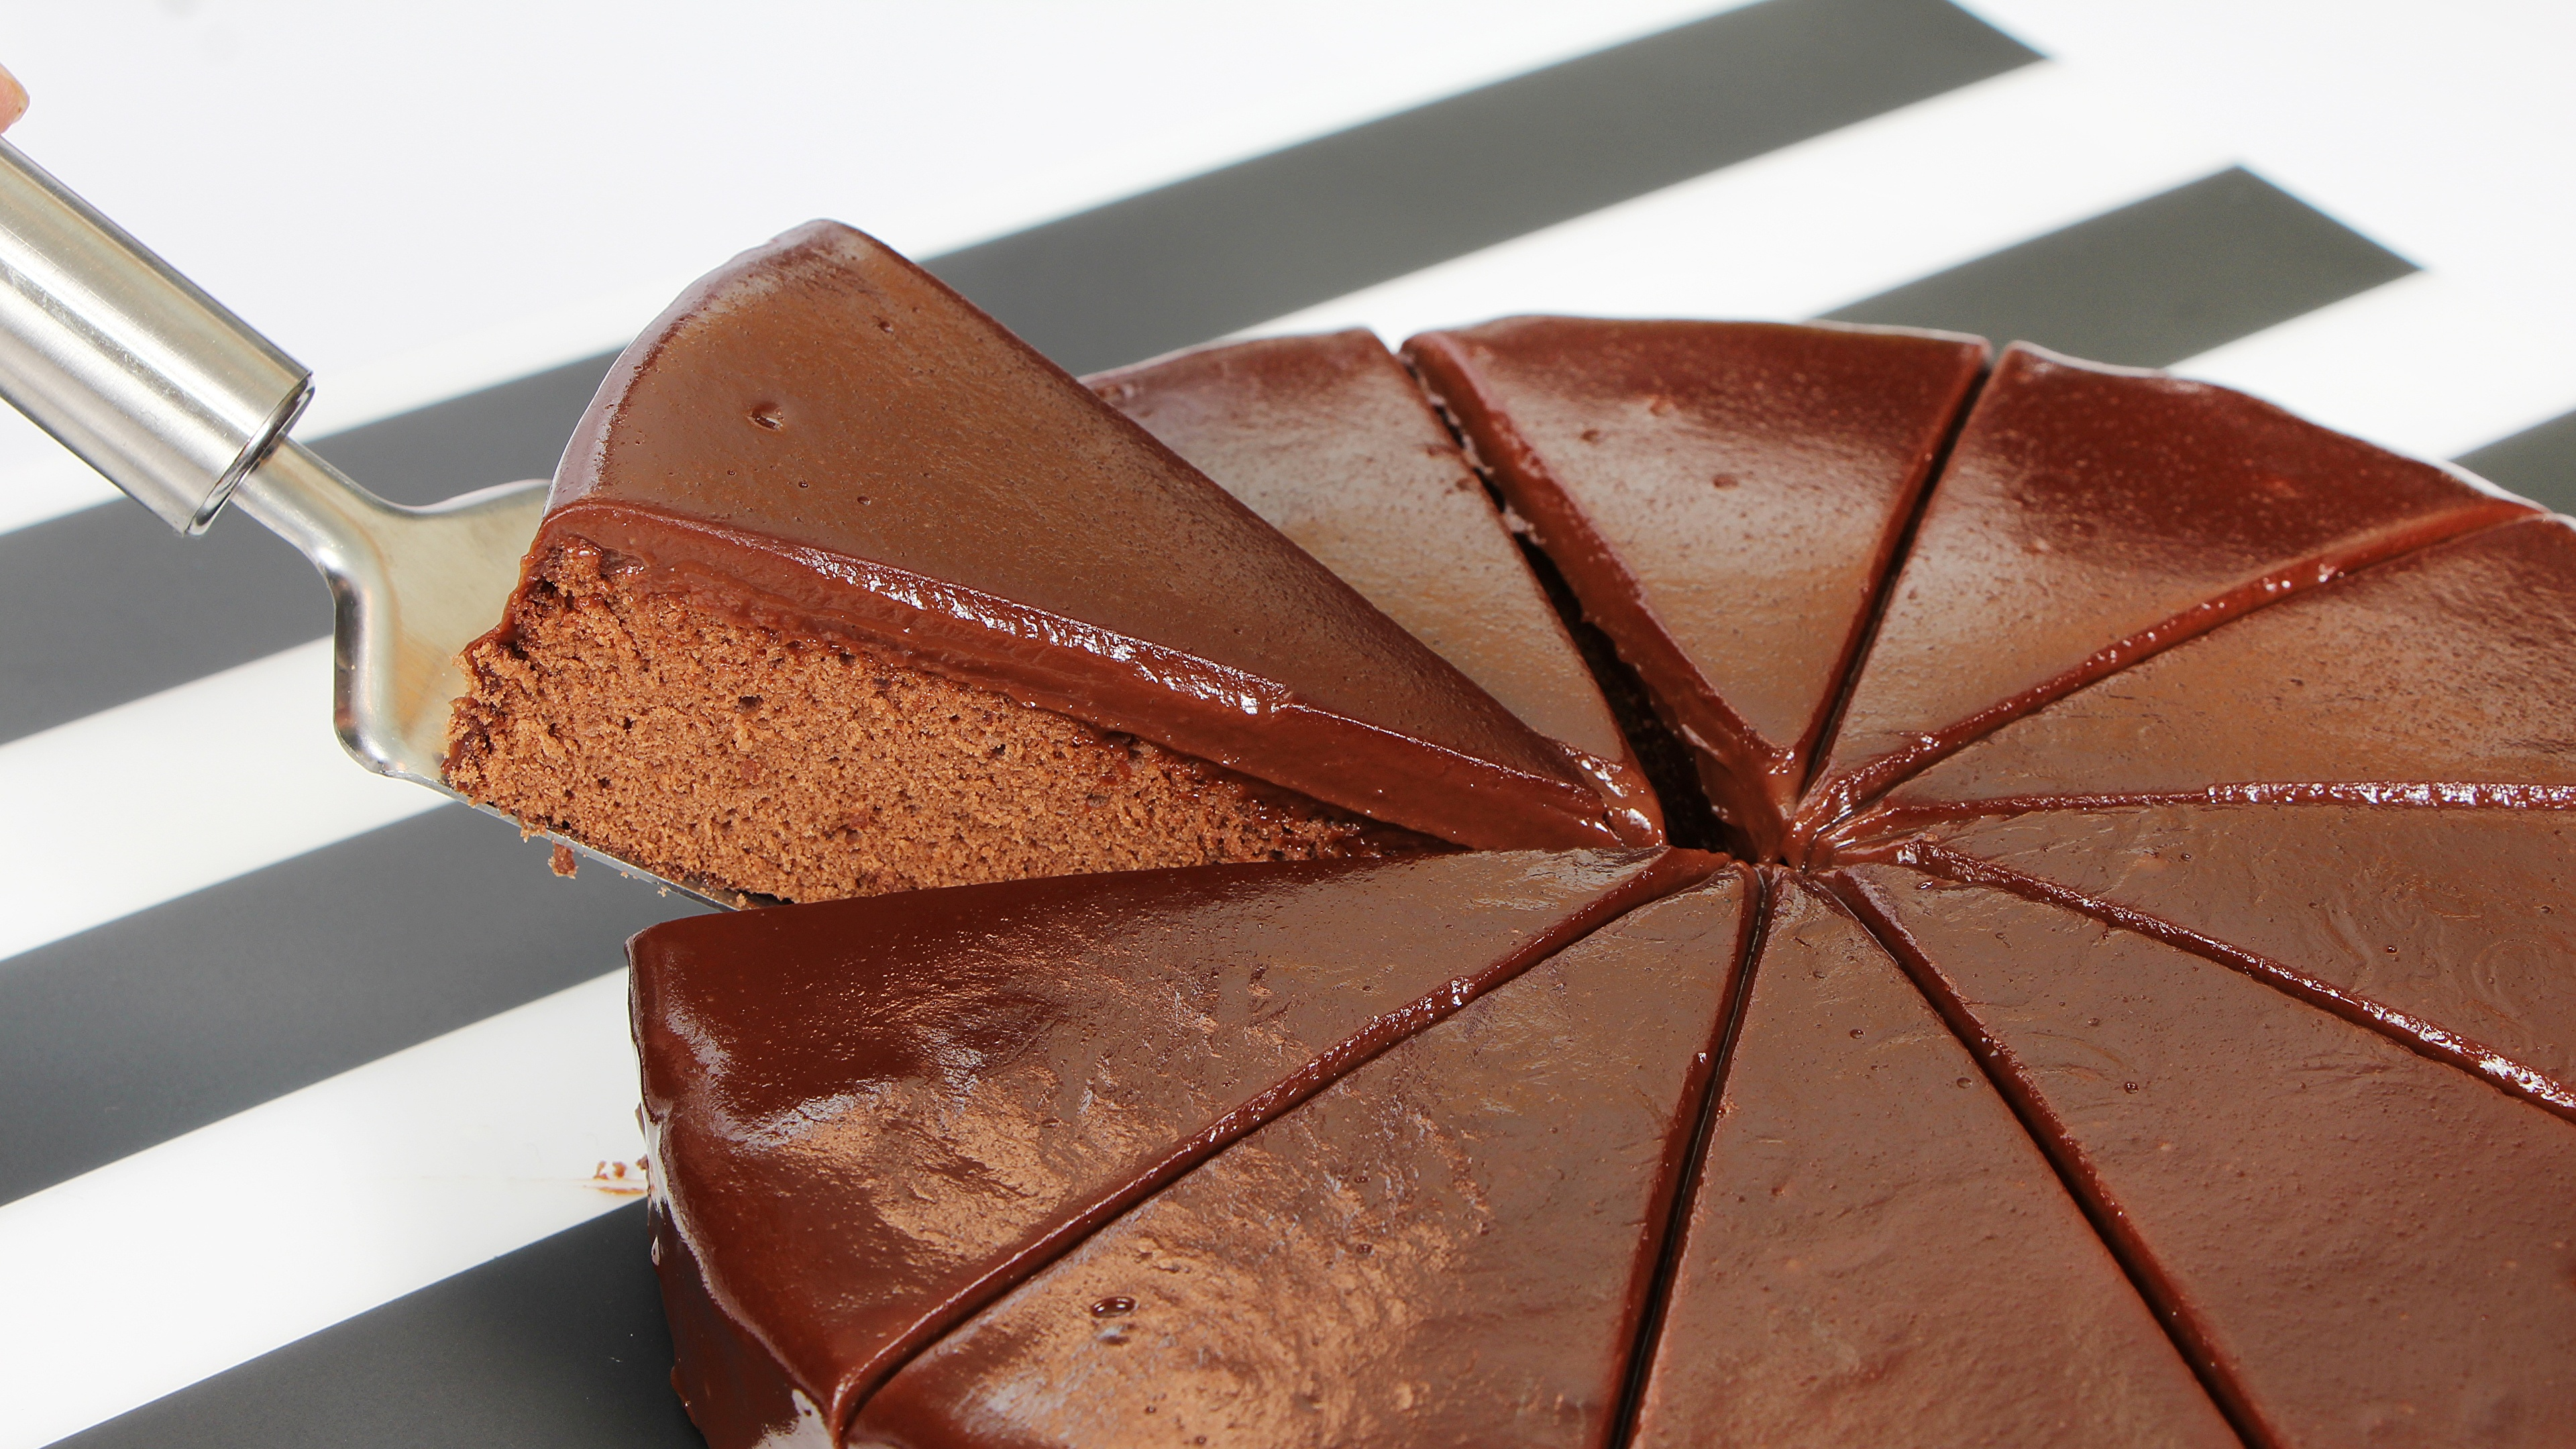 Фотографии Шоколад Торты часть Еда 3840x2160 Кусок Пища Продукты питания